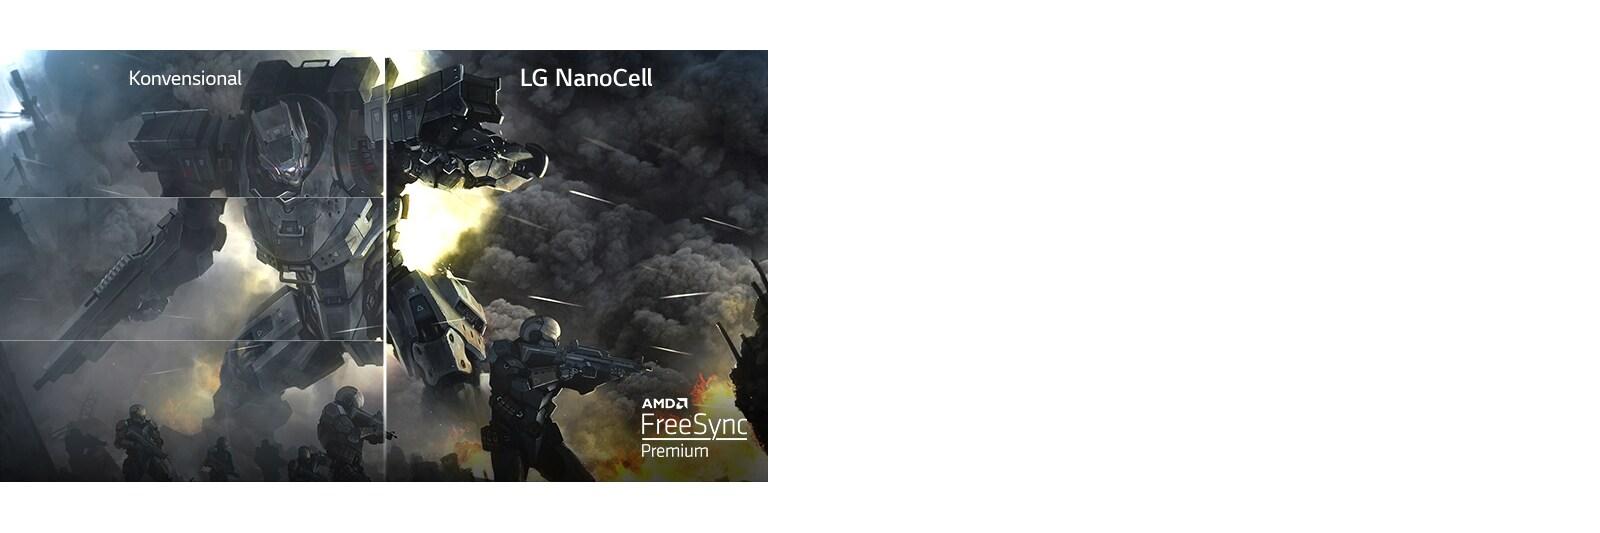 Adegan sebuah game tertampil pada TV konvensional dengan gambar tampak pecah dan setengah gambar lainnya tertampil pada LG NanoCell TV tanpa distorsi gambar pecah.